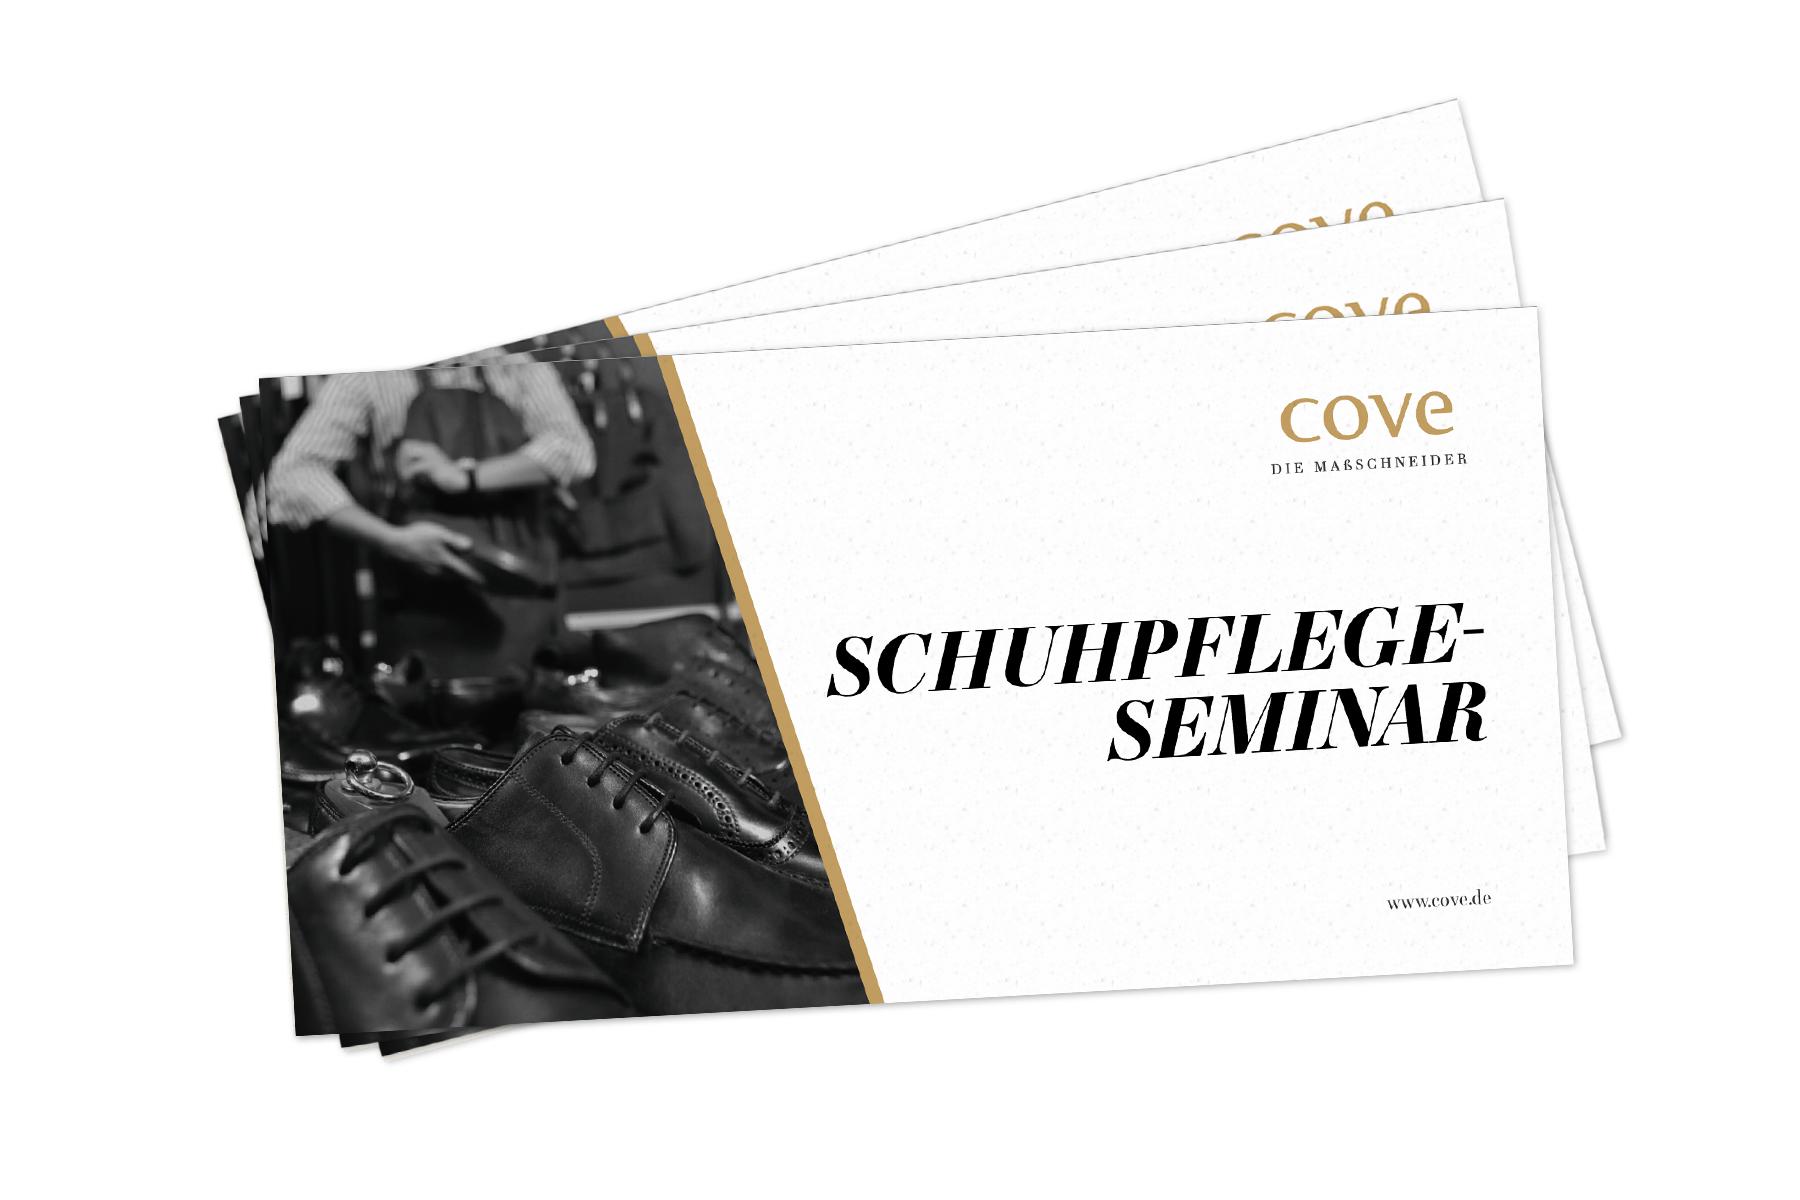 Schuhpflege Seminar